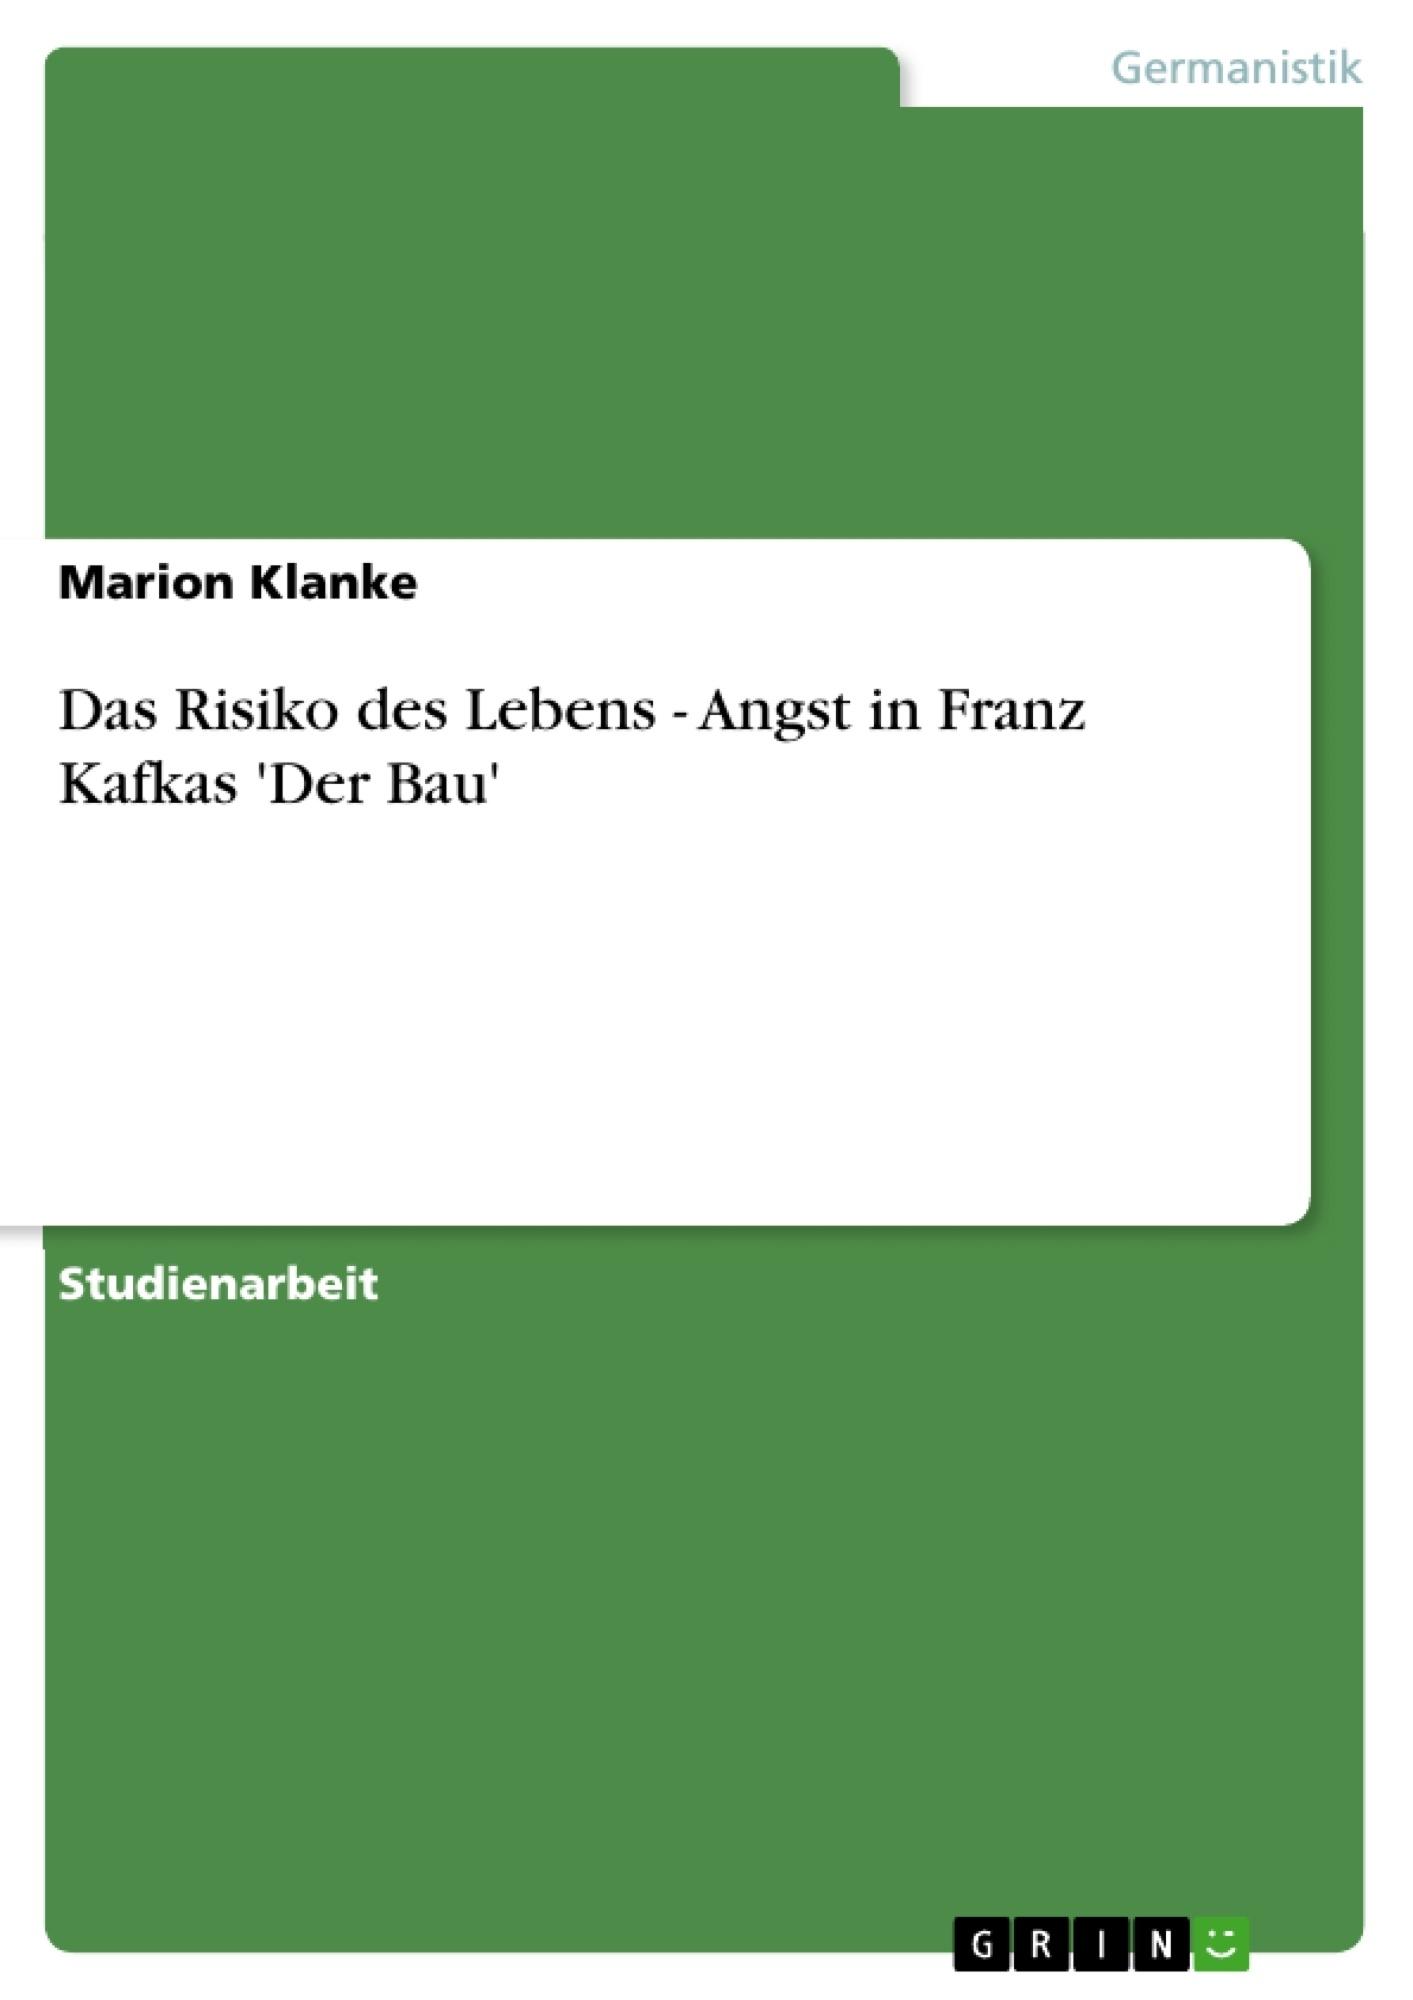 Titel: Das Risiko des Lebens - Angst in Franz Kafkas 'Der Bau'